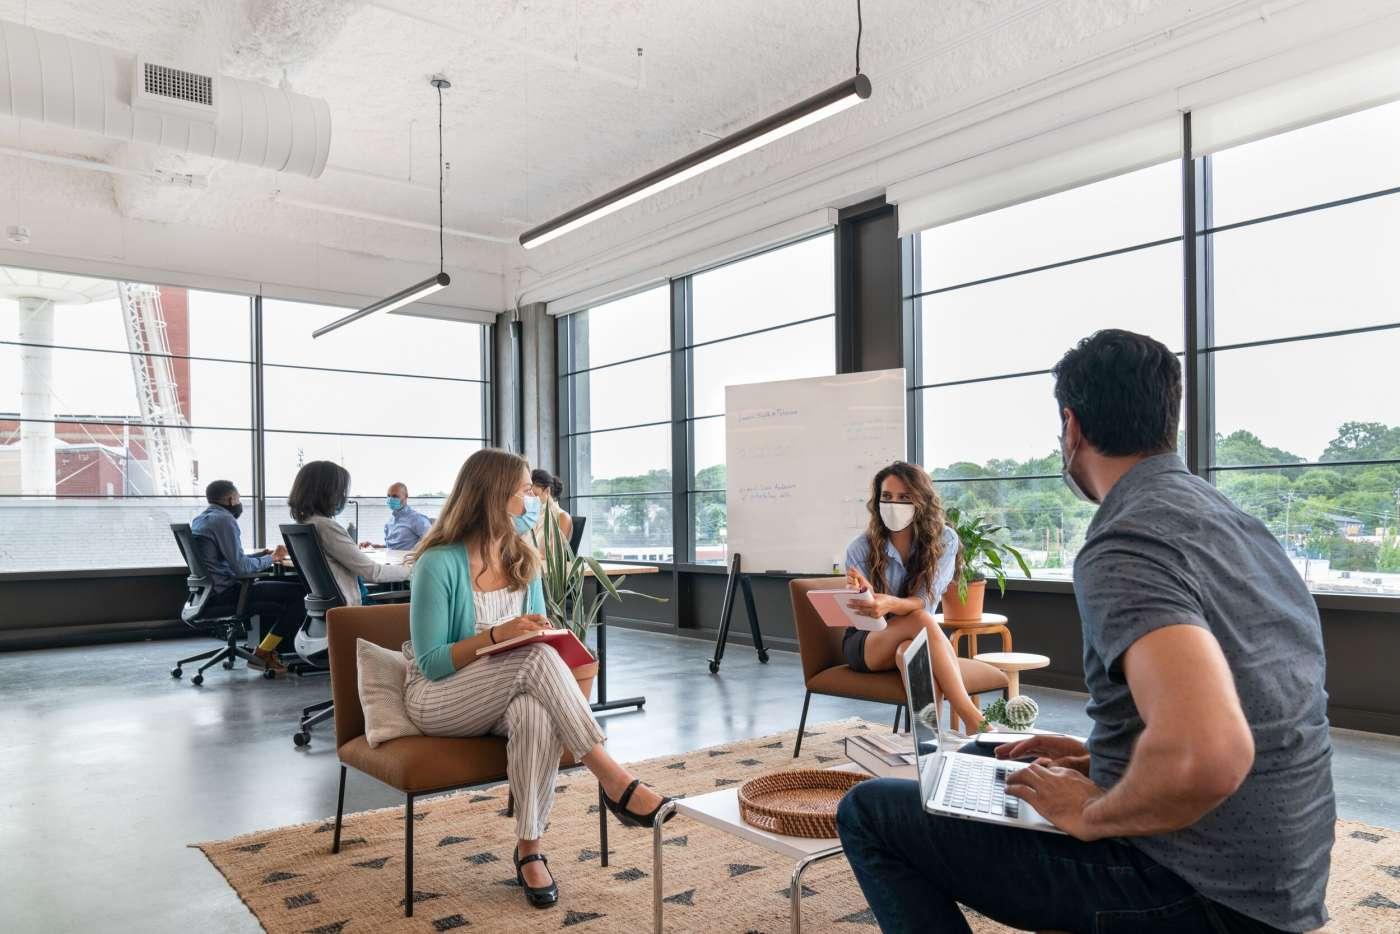 Por qué grandes compañías están optando cada vez más por instalaciones de espacios flexibles y colaborativos